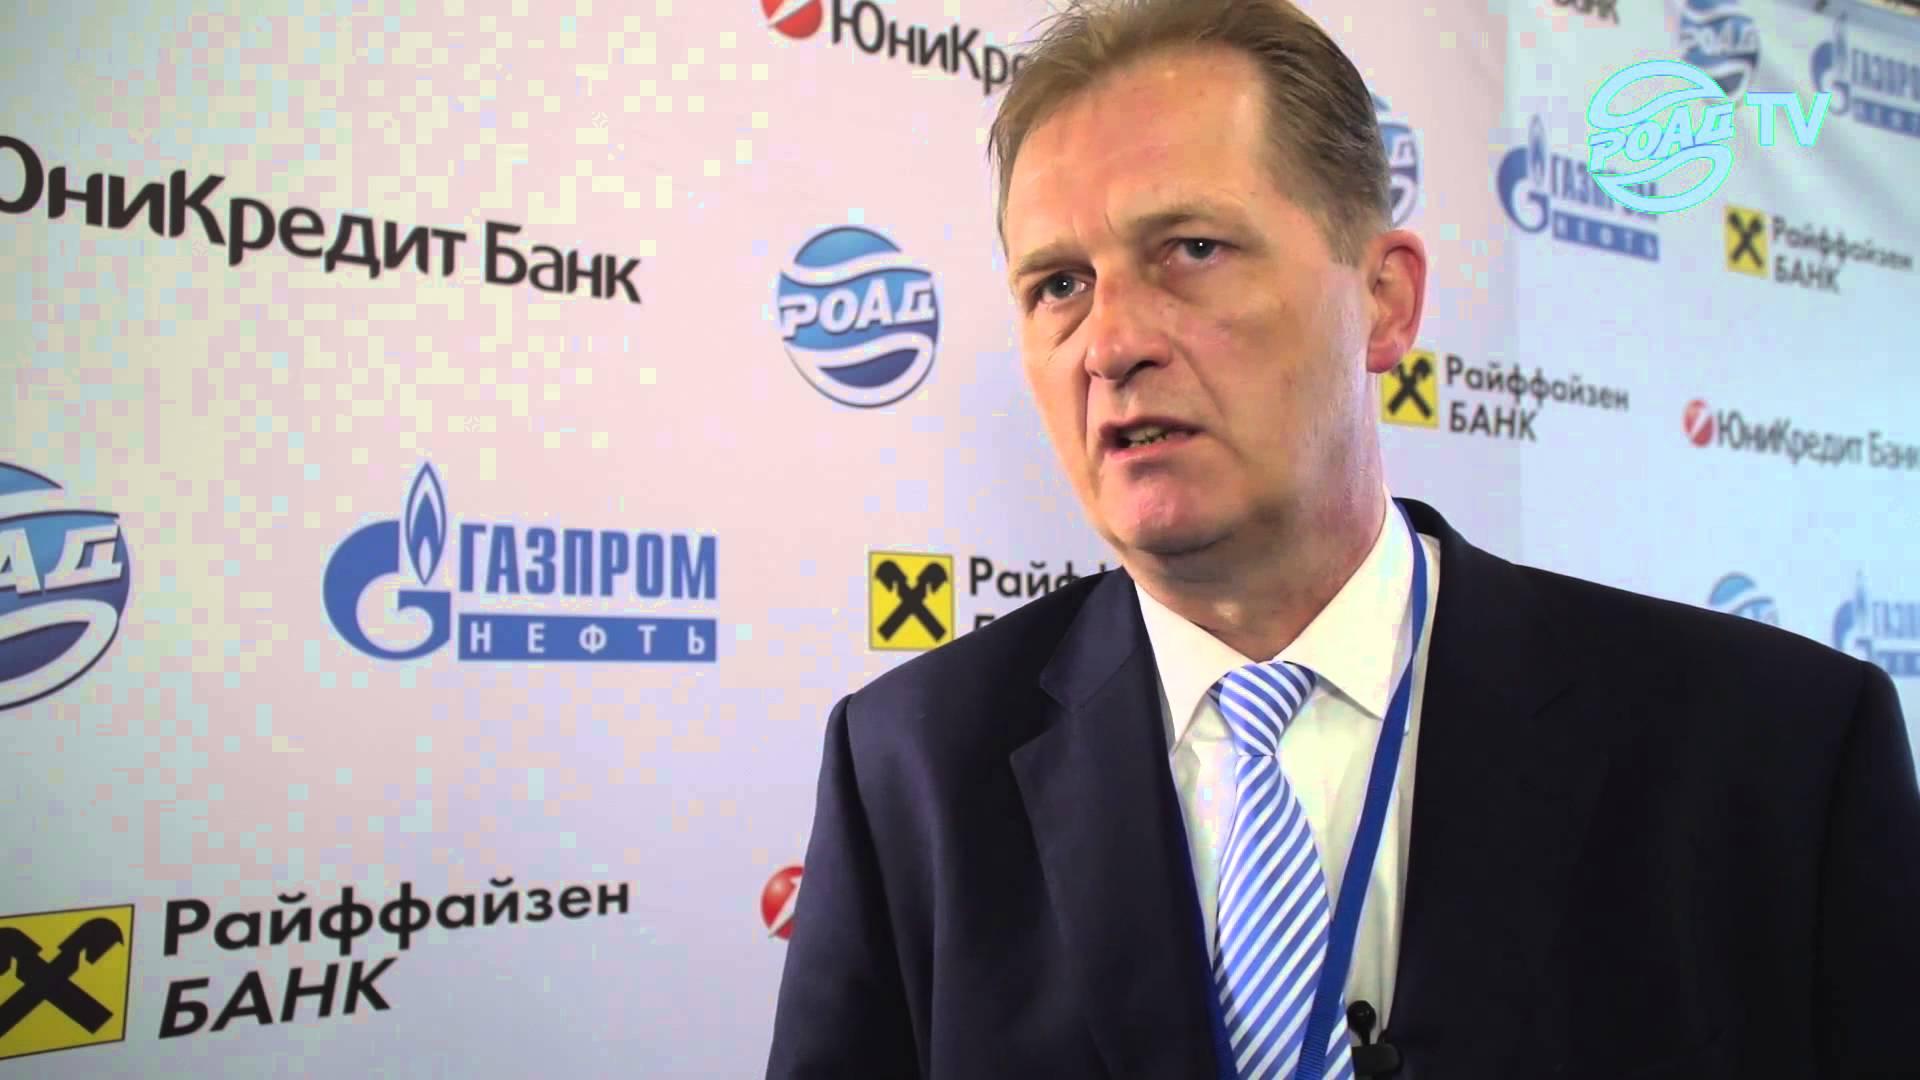 Йорг Шрайбер уверен - в росте продаж автомобилей виновато падение рубля